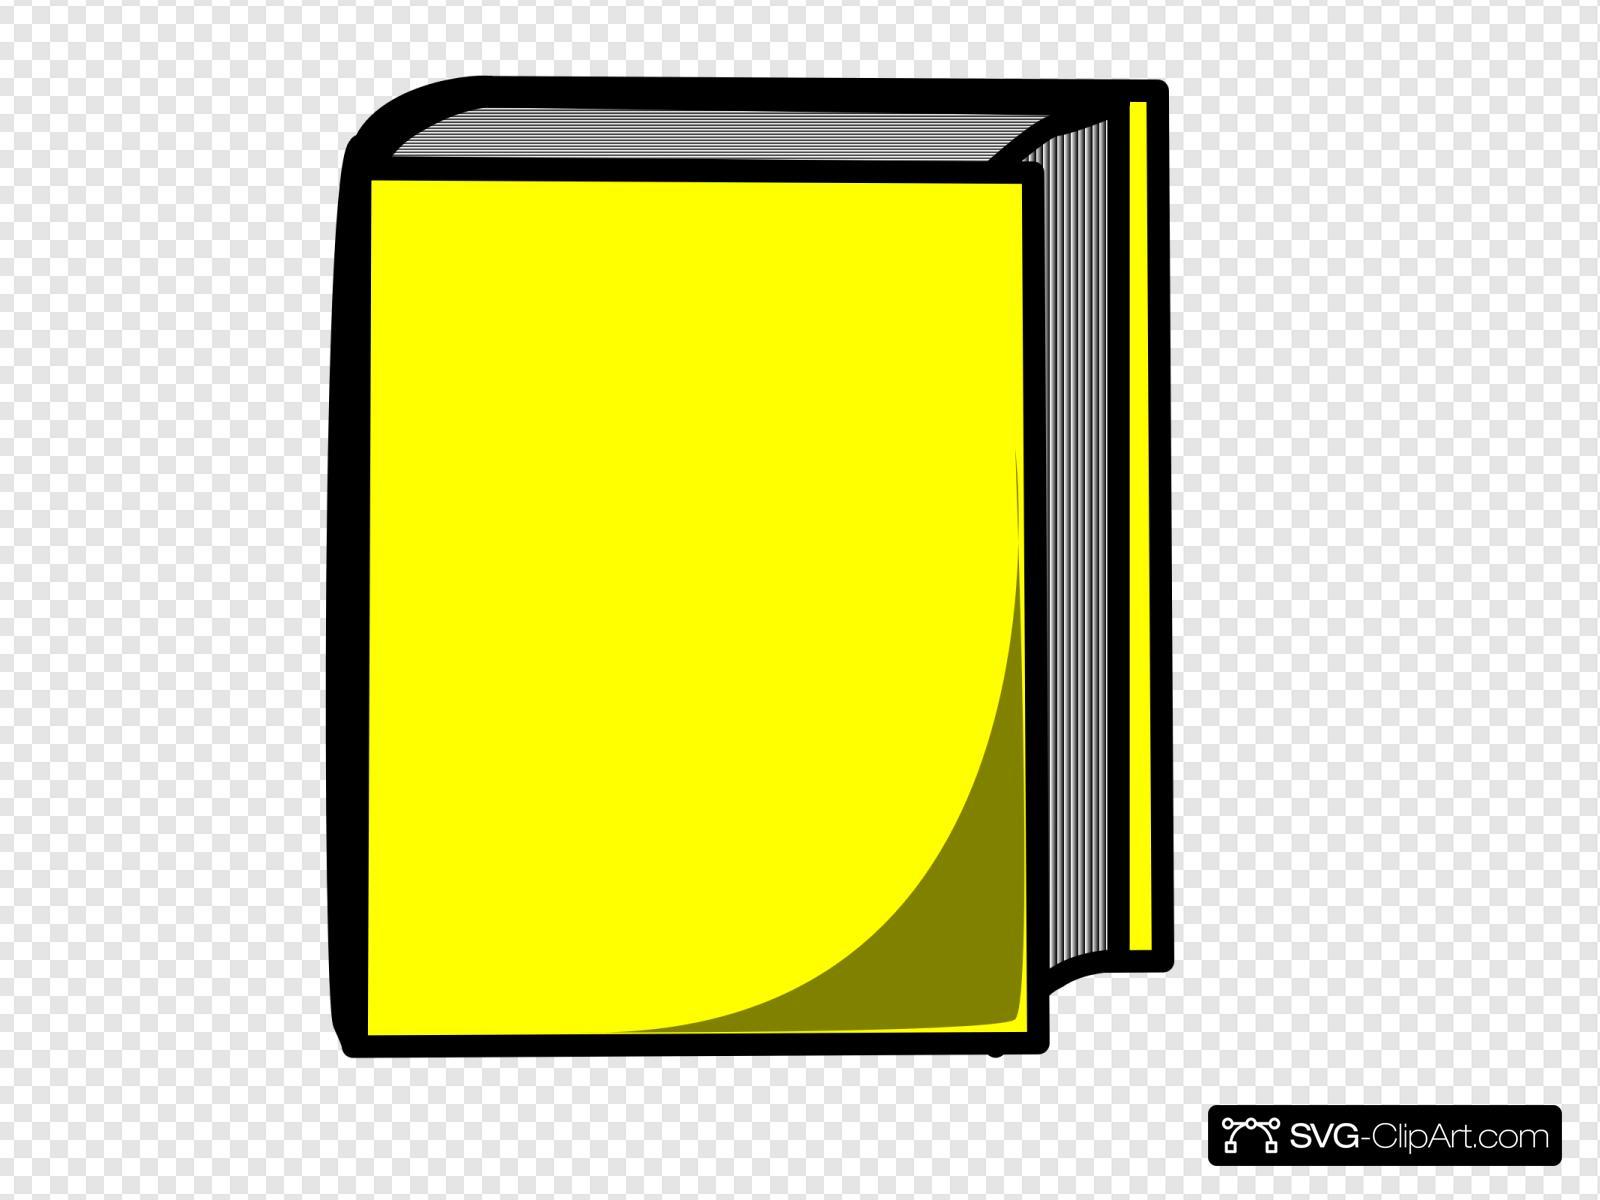 Book Clip art, Icon and SVG.